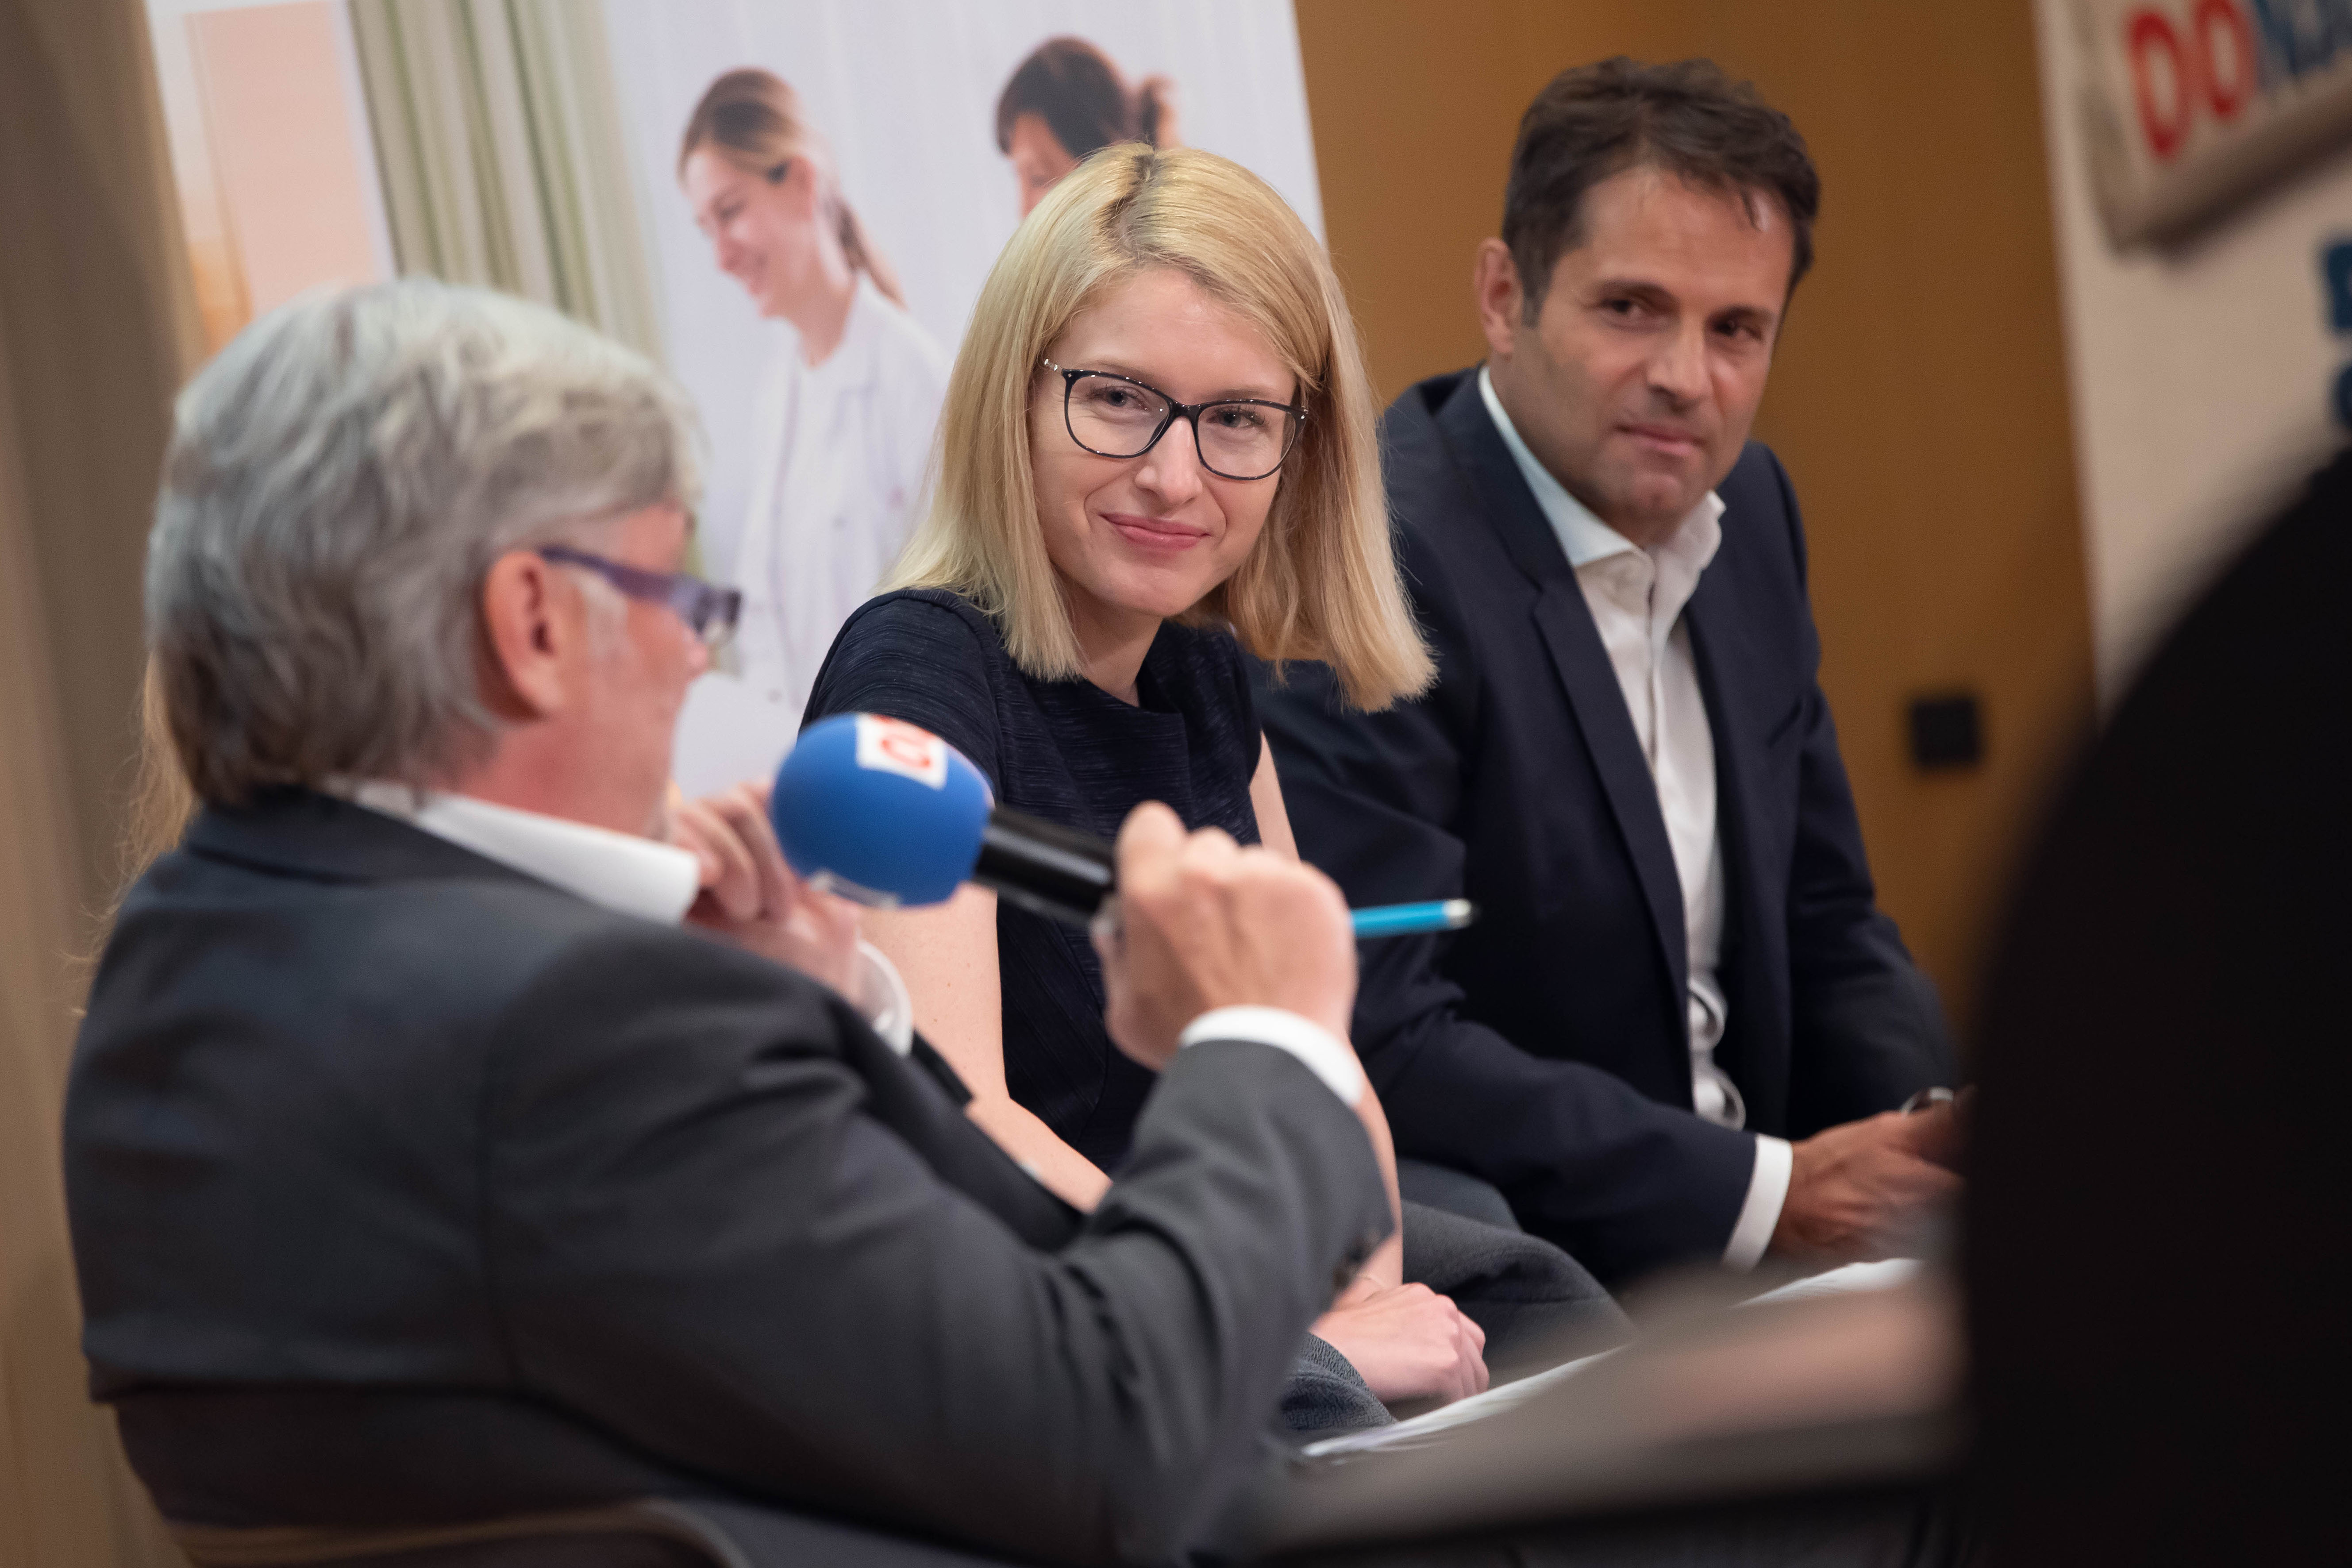 Foto 2: Mag. Raimund Kaplinger (die elisabethinen linz-wien), LH-Stv. Mag. Christine Haberlander (ACADEMIA SUPERIOR), Dr. Michael Heinisch (Vinzenz Gruppe).